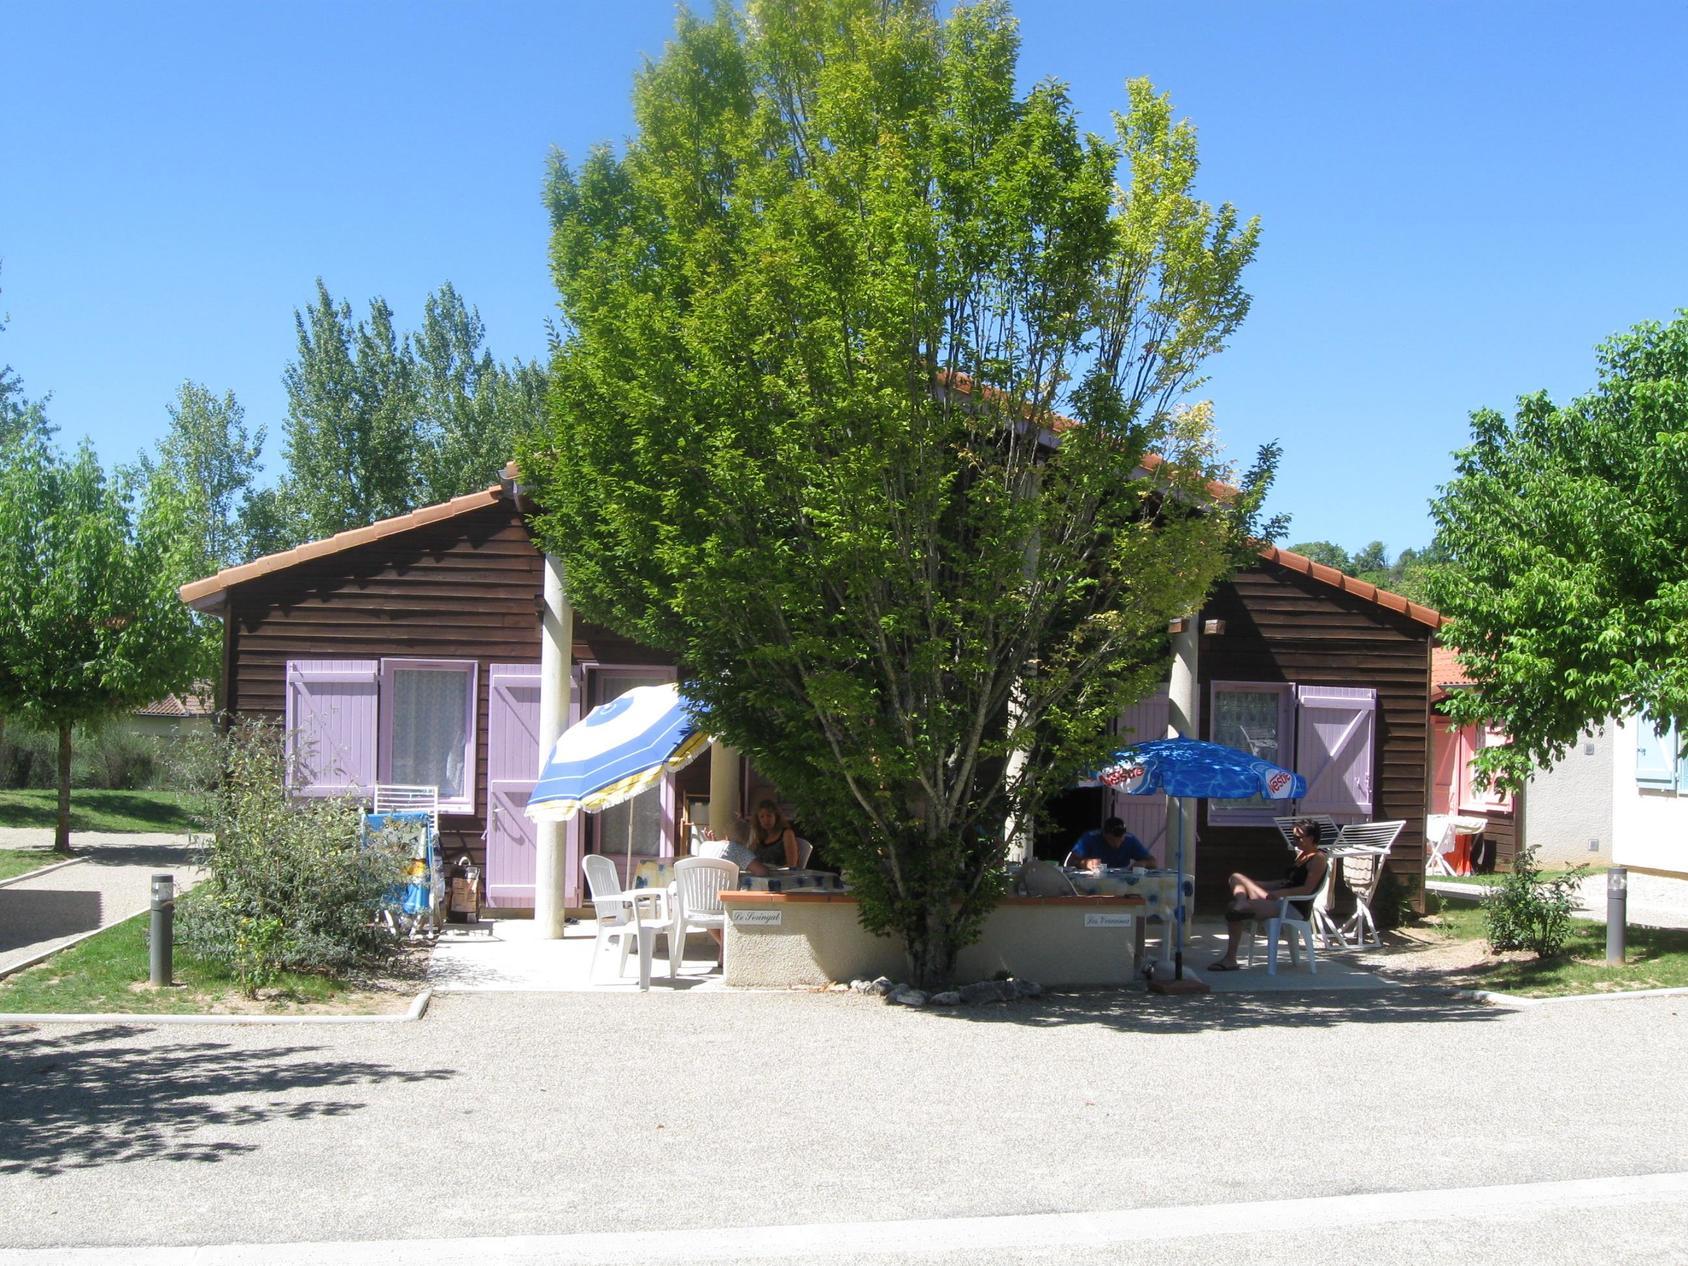 Frankrijk-MontpezatdeQuercy-Camping%20Le%20Faillal-ExtraLarge Wintersport Frankrijk|Pagina 2 van 55